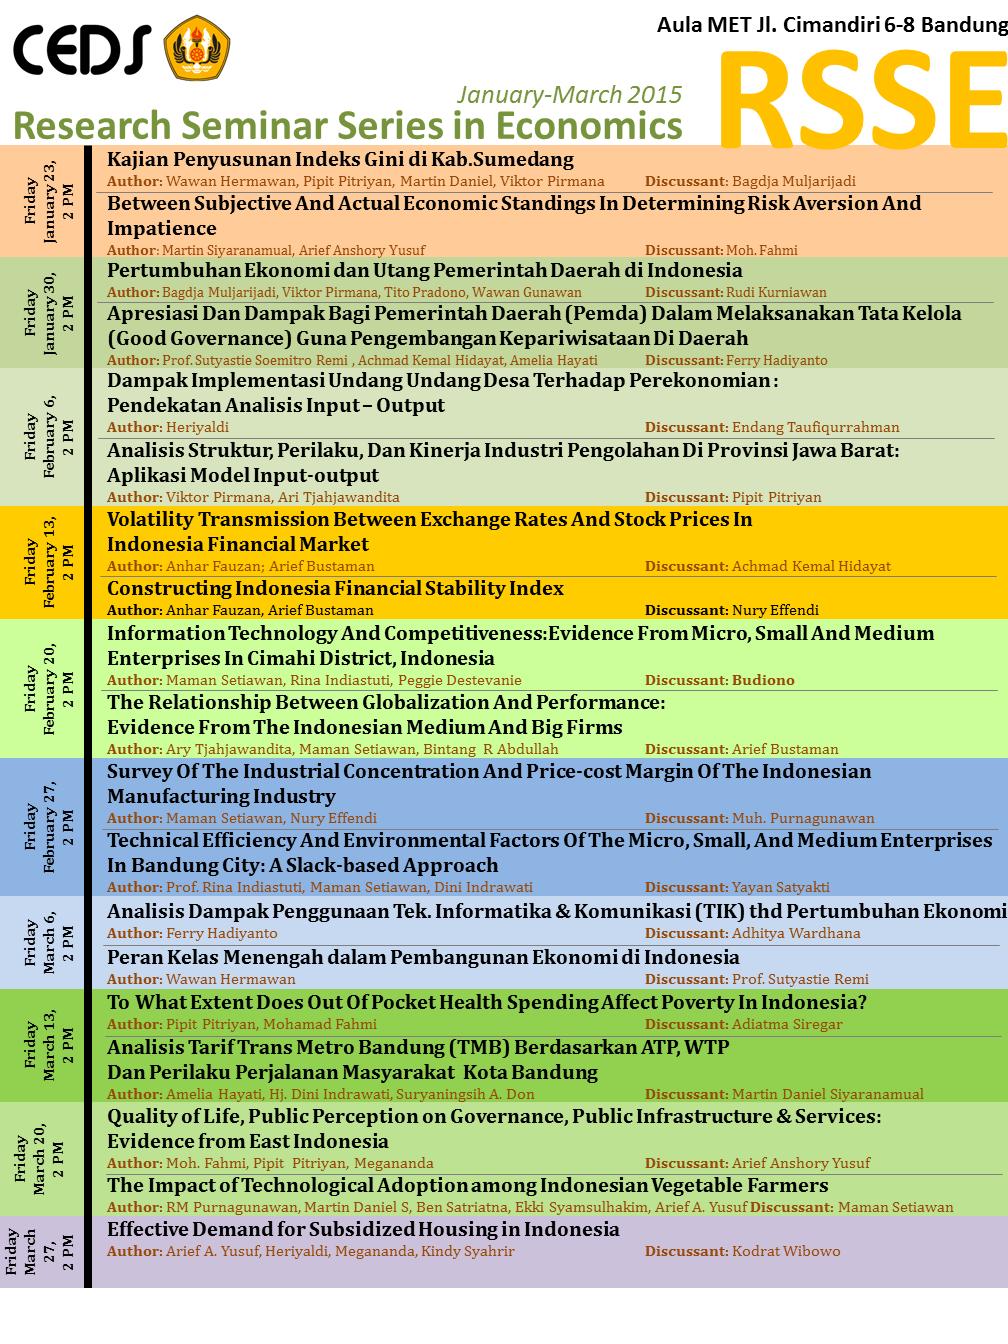 Jadwal Research Seminar Series in Economics (RSSE) Fakultas Ekonomi